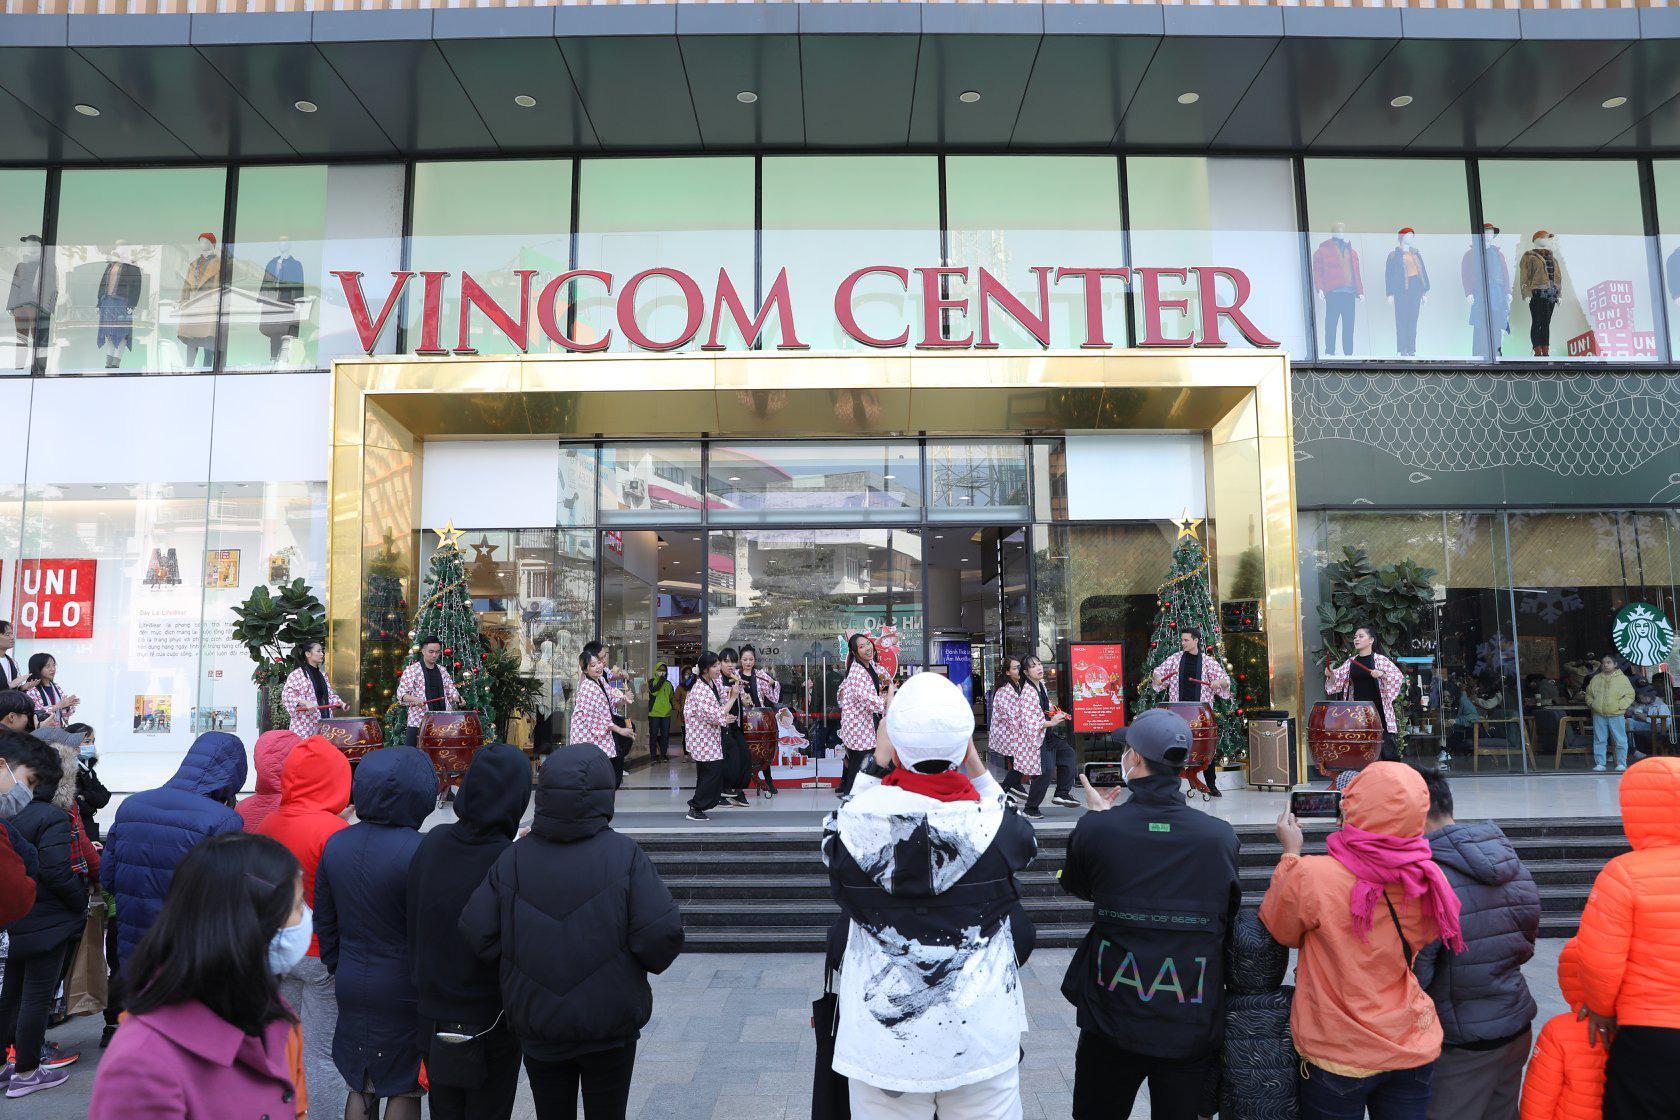 UNIQLO gửi gắm thông điệp mừng năm mới qua vũ điệu Yosakoi đậm chất Nhật - Ảnh 7.